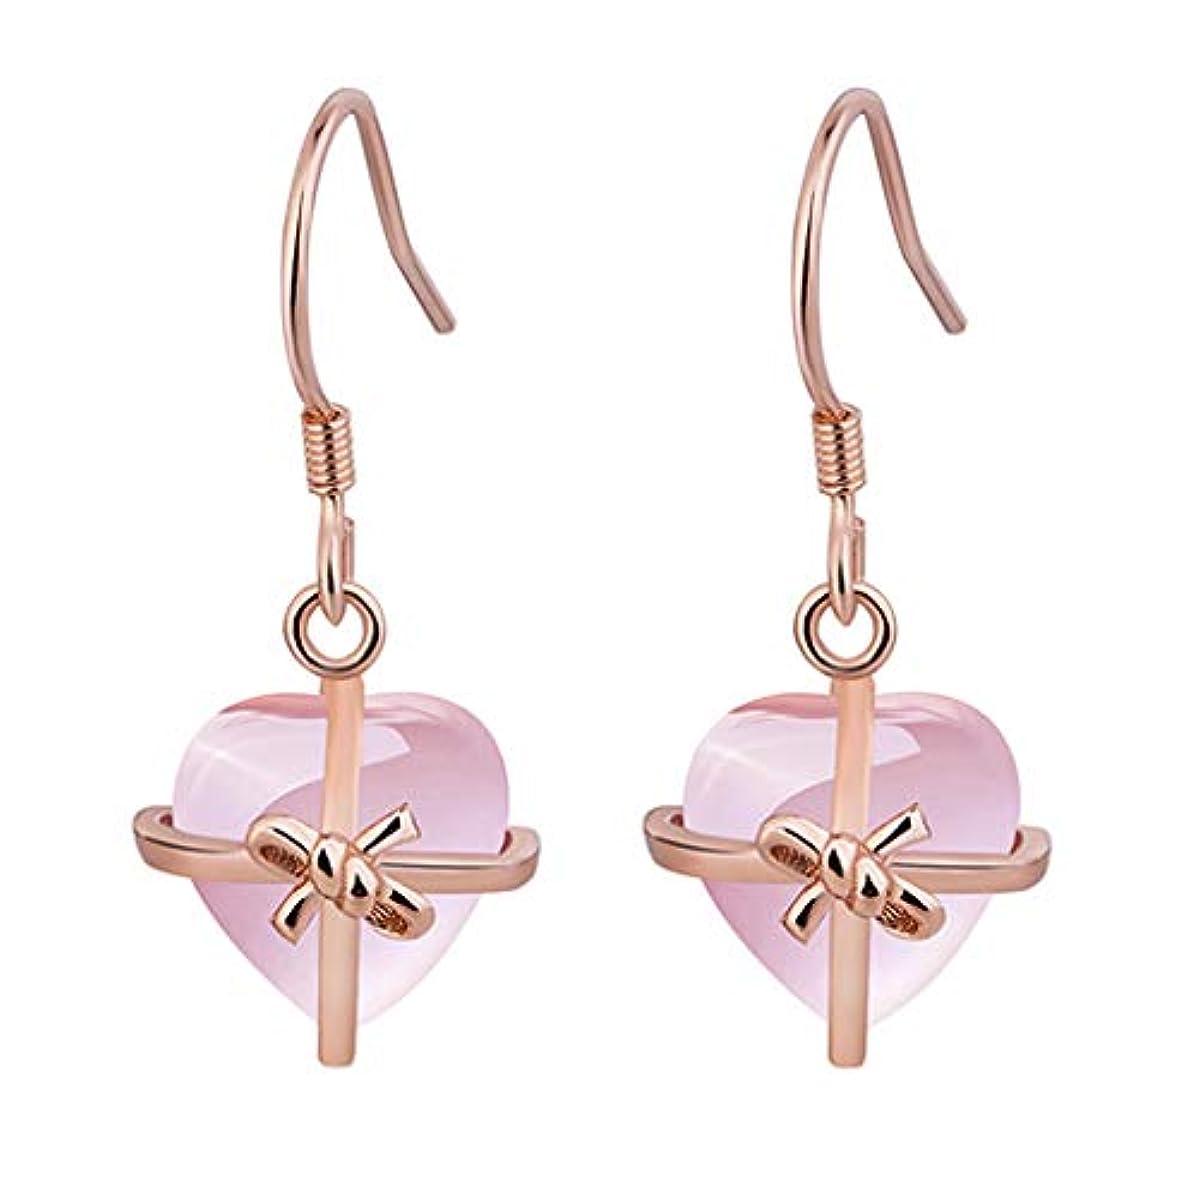 意識的カフェテリア血統Nicircle 女性ナチュラルハートピンクローズ925スタンダードシルバージュエリーイヤリング ピンクのバラ Women Natural Heart Pink Rose 925 Standard Silver Jewelry...